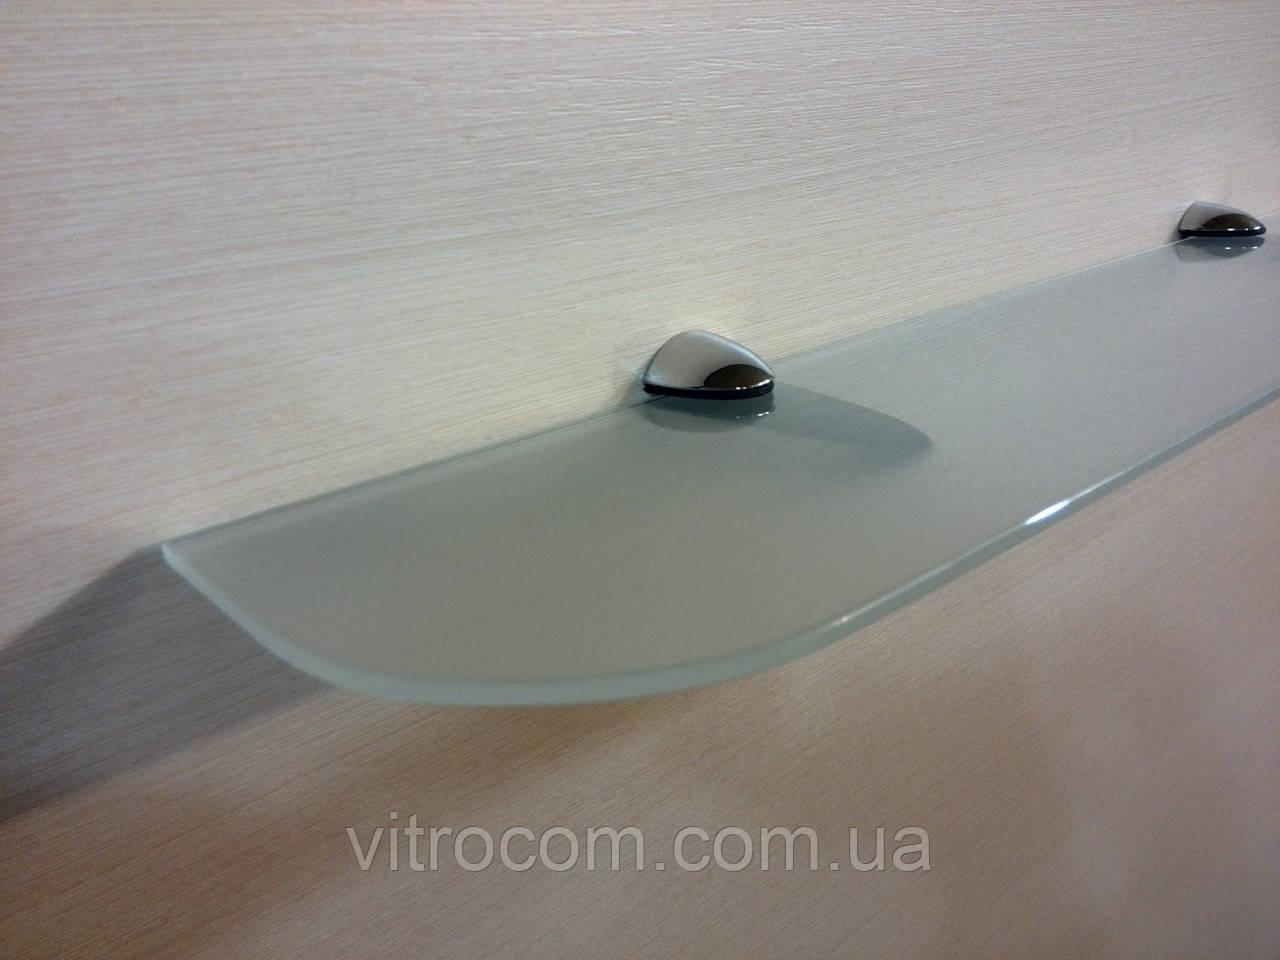 Полка стеклянная прямая 6 мм матовая 60 х 12 см